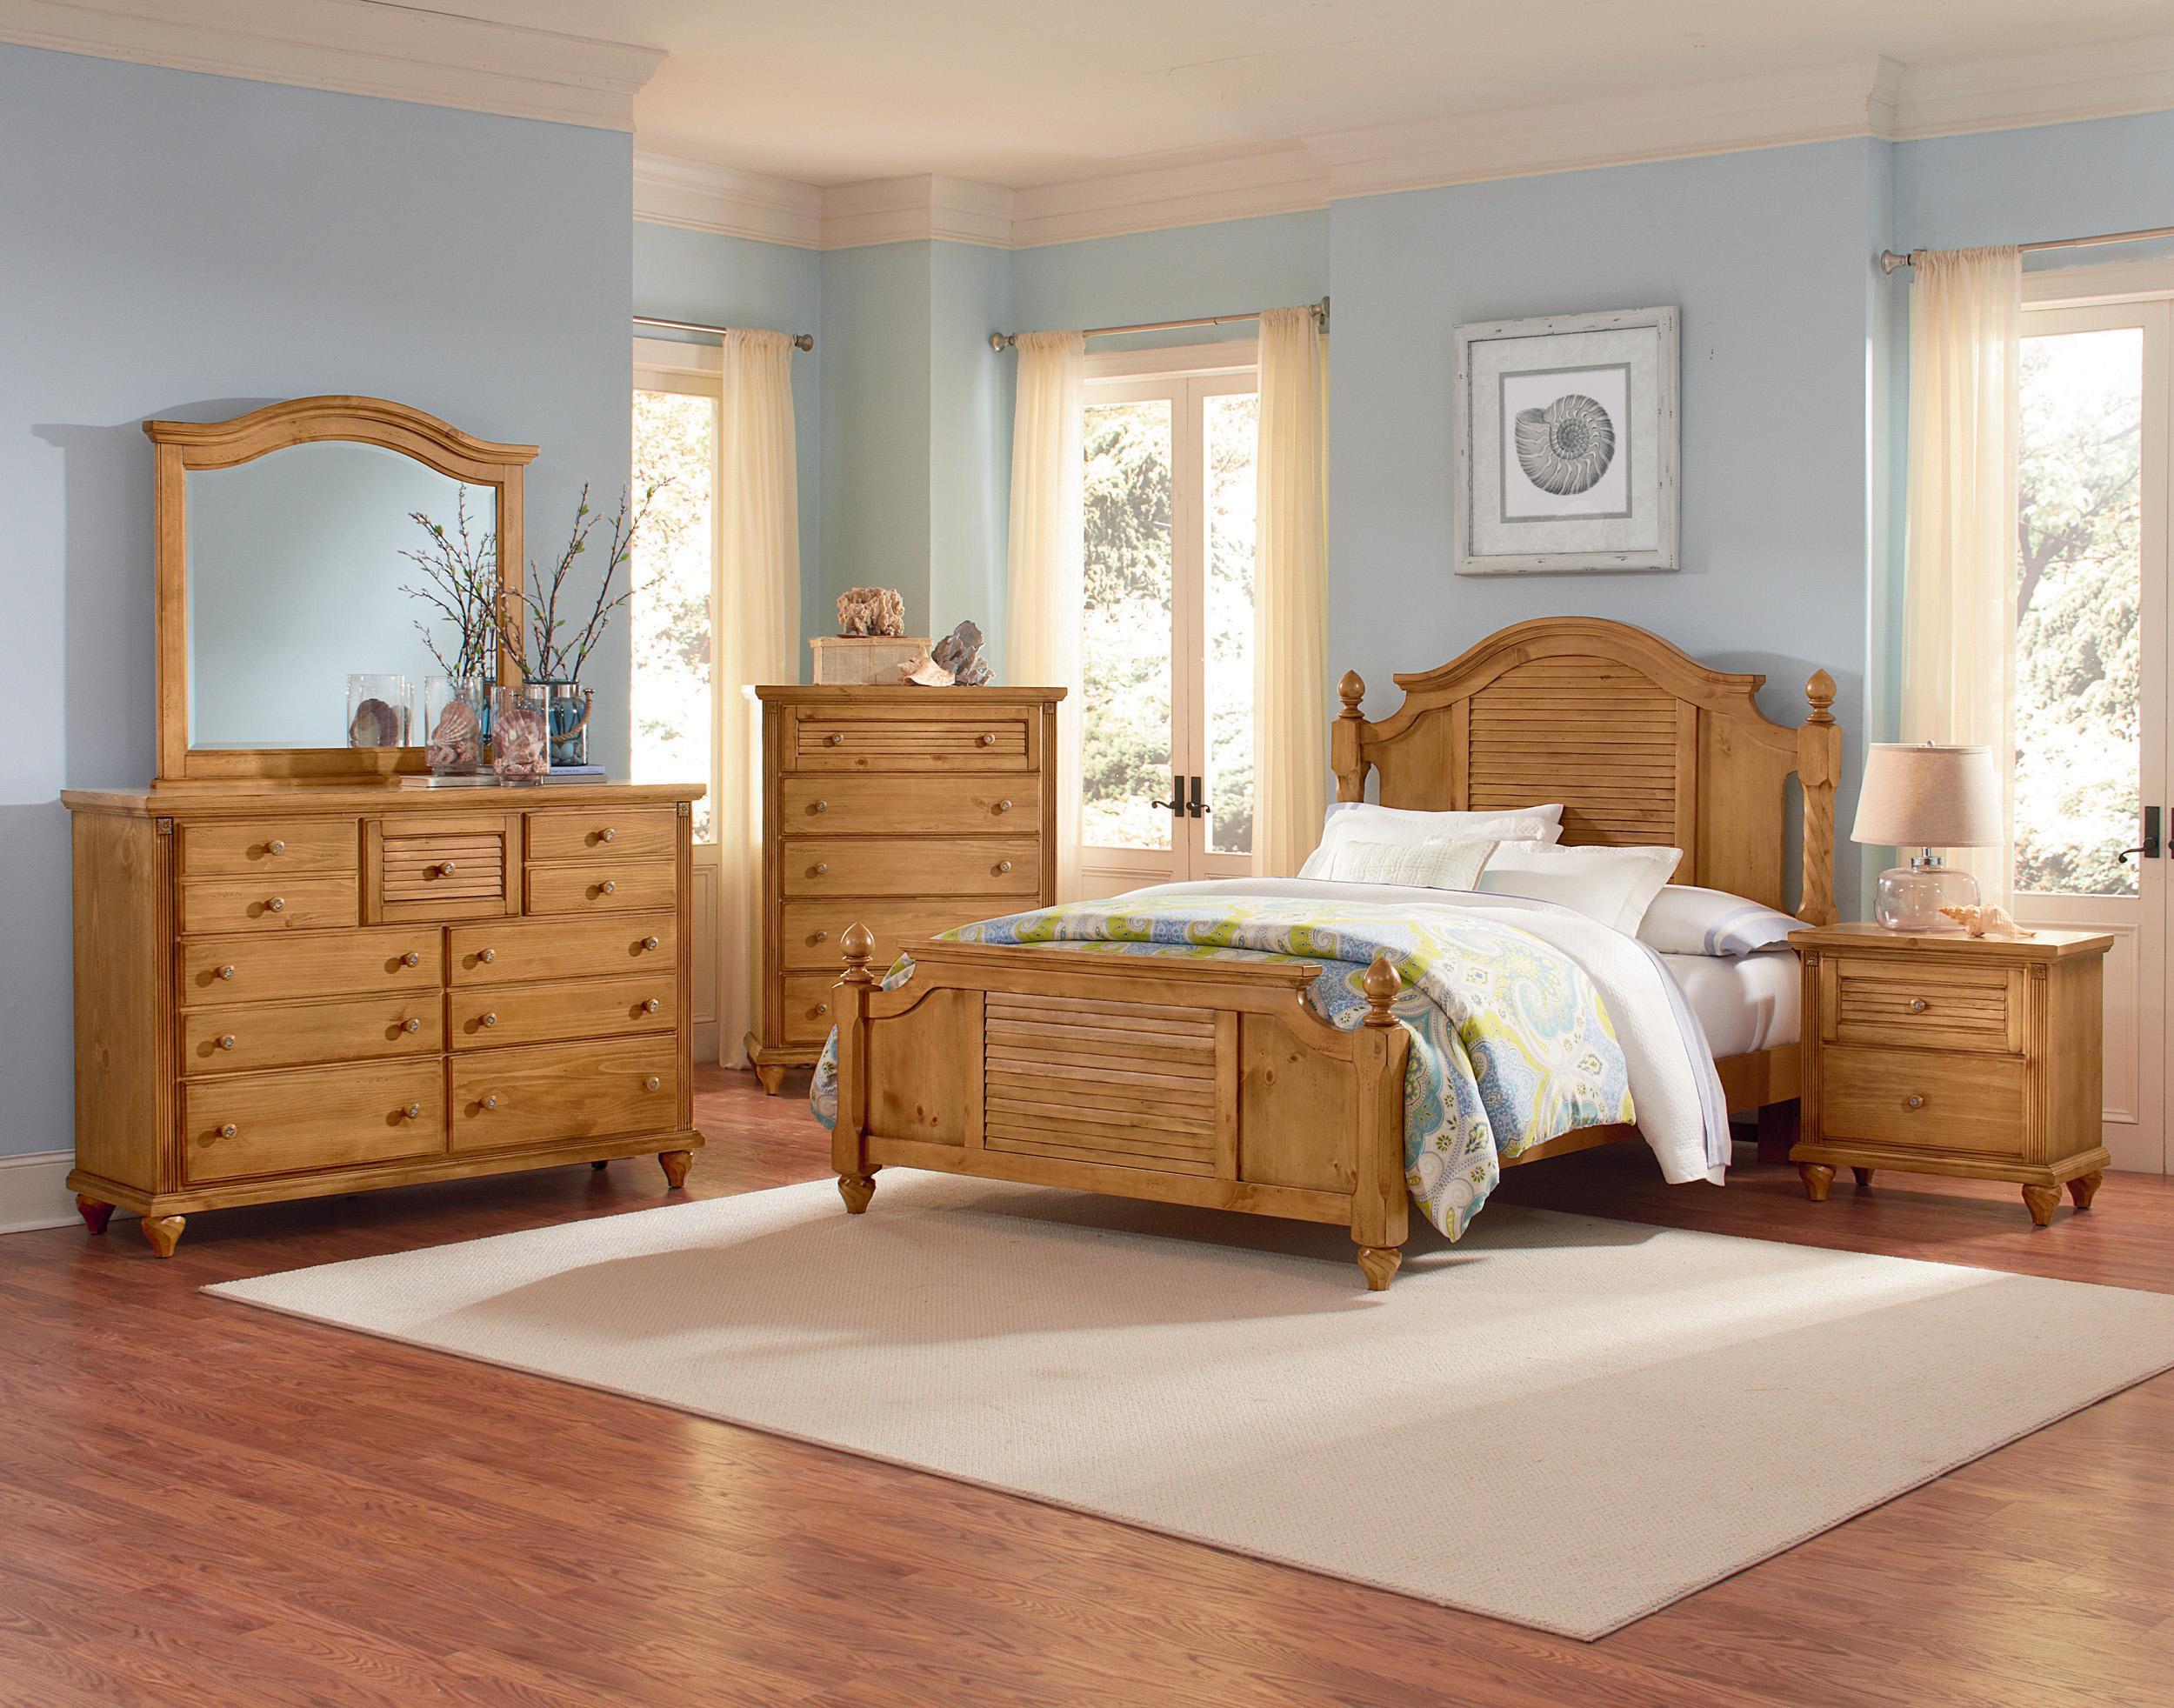 Vaughan Bassett Shutters Full Bedroom Group - Item Number: BB49 F Bedroom Group 2